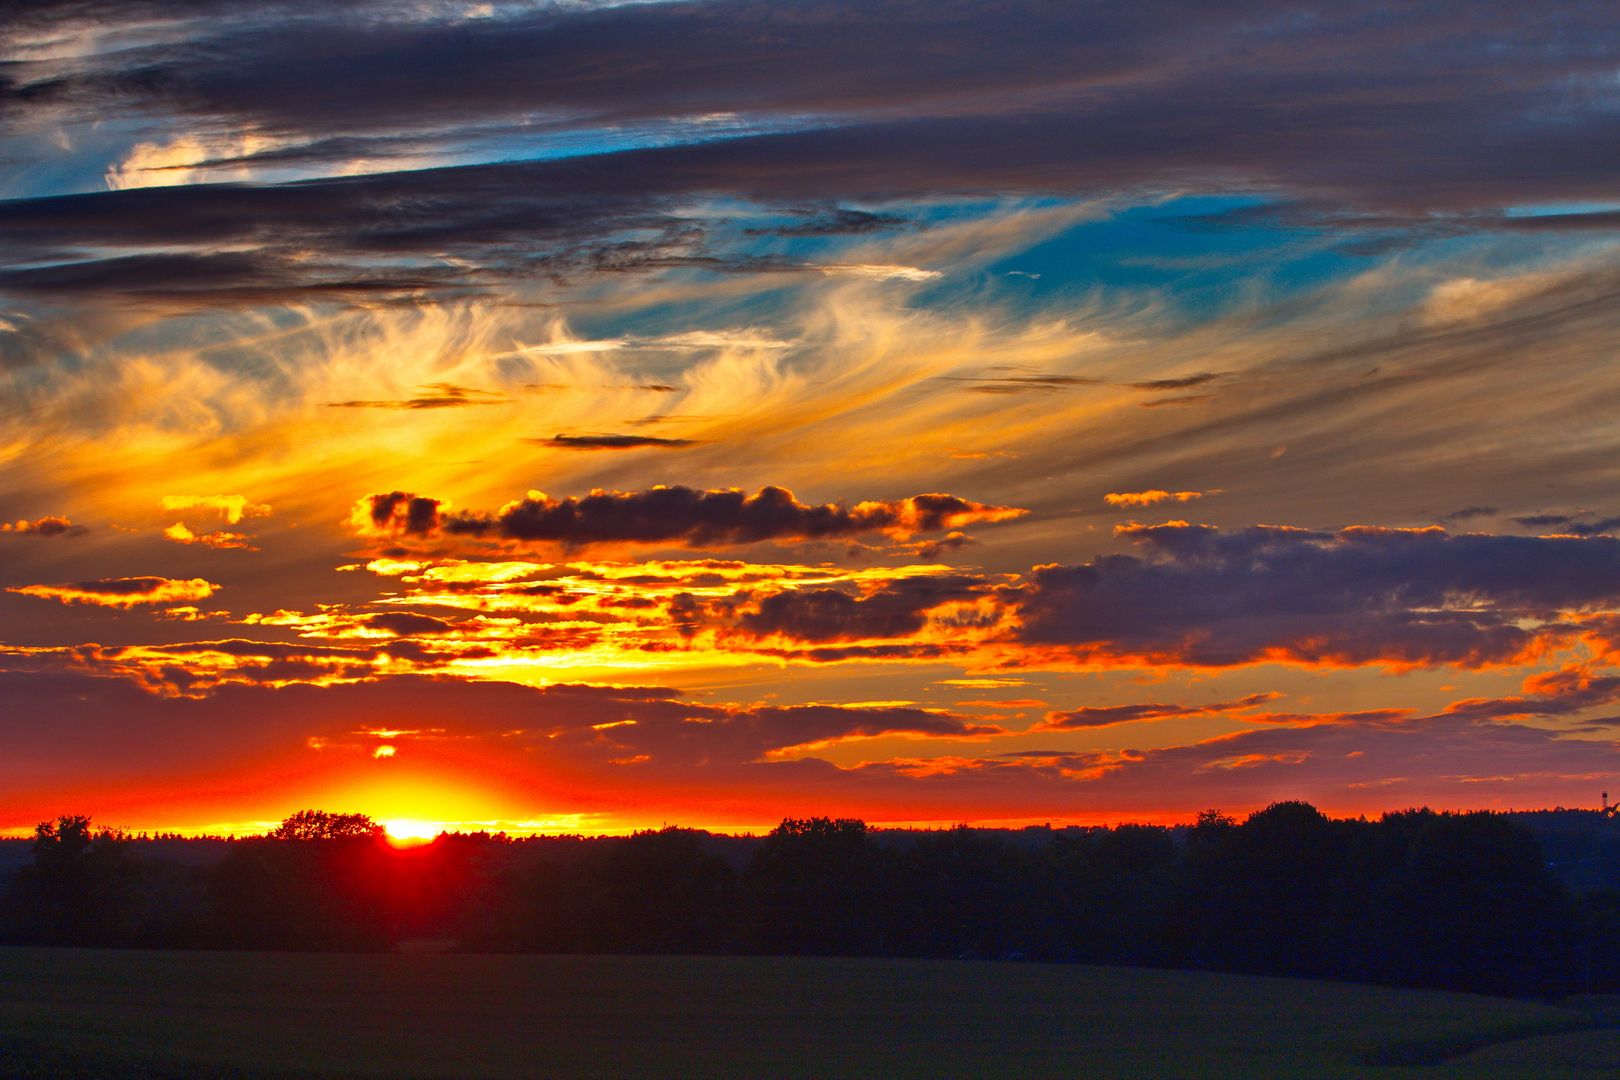 Sonnenuntergang im August 2020.